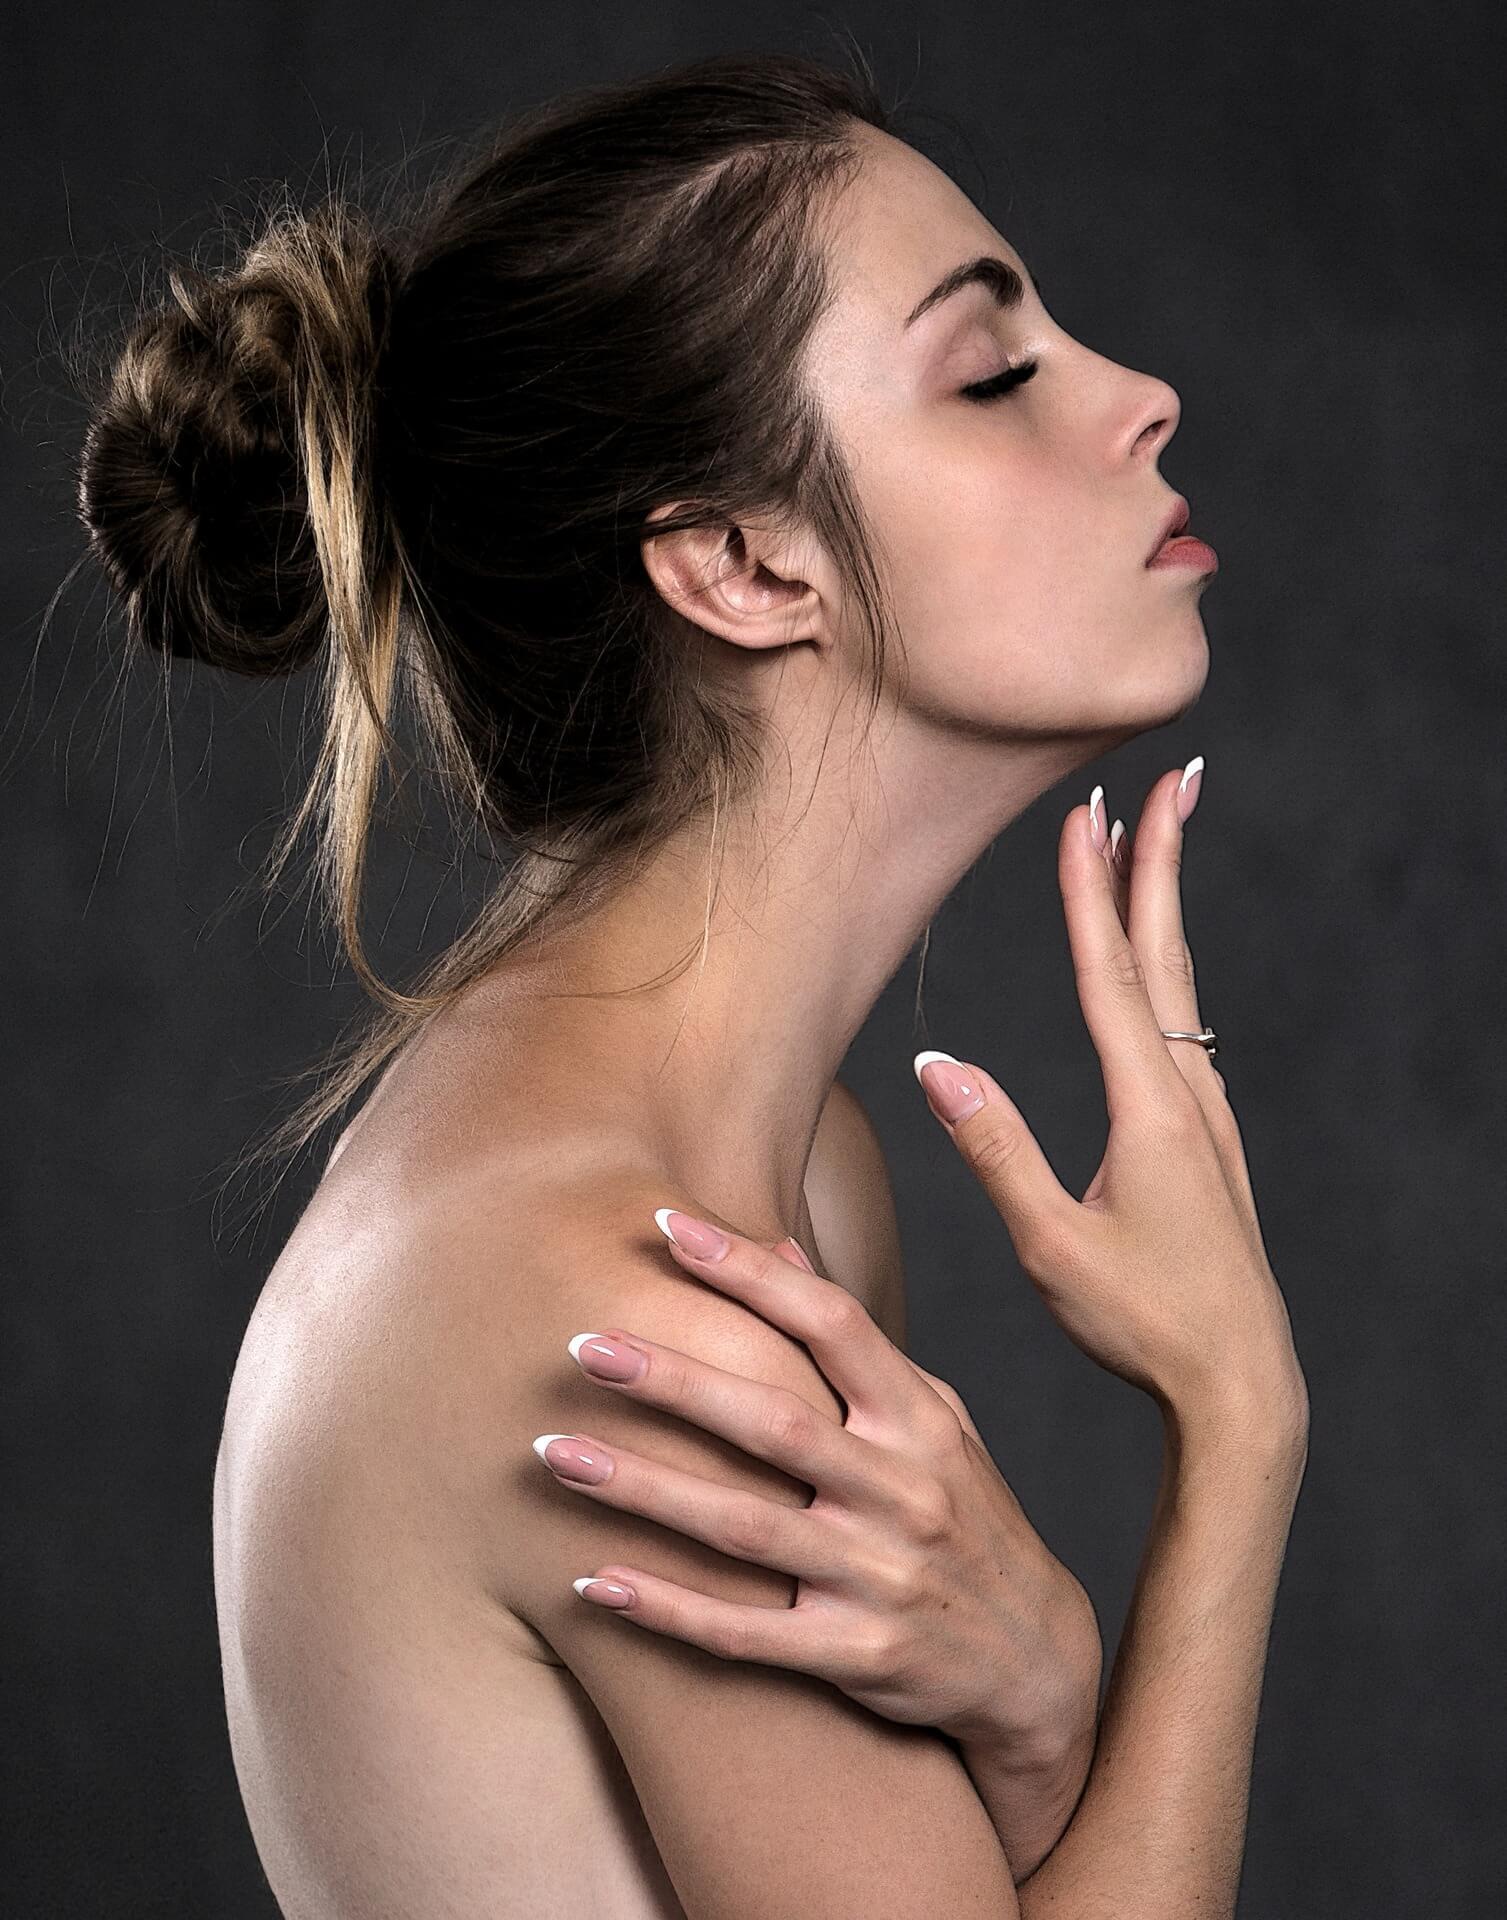 איך שיטת NLP משנה את שפת הגוף?